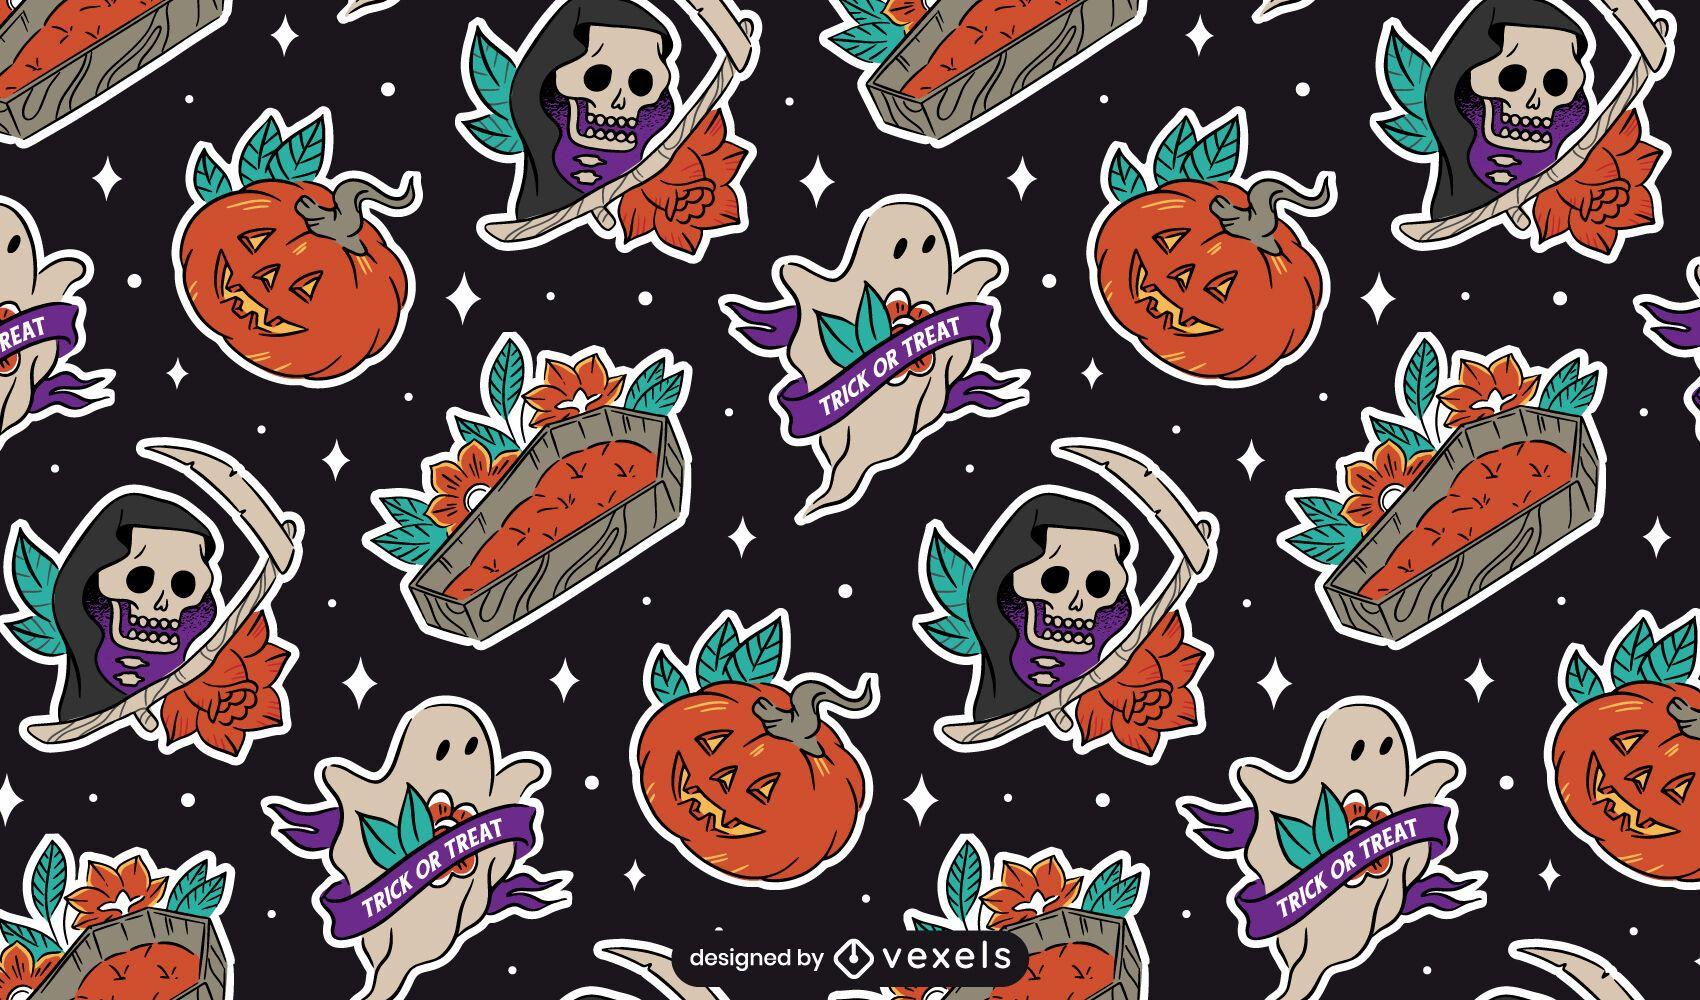 Halloween sticker elements pattern design